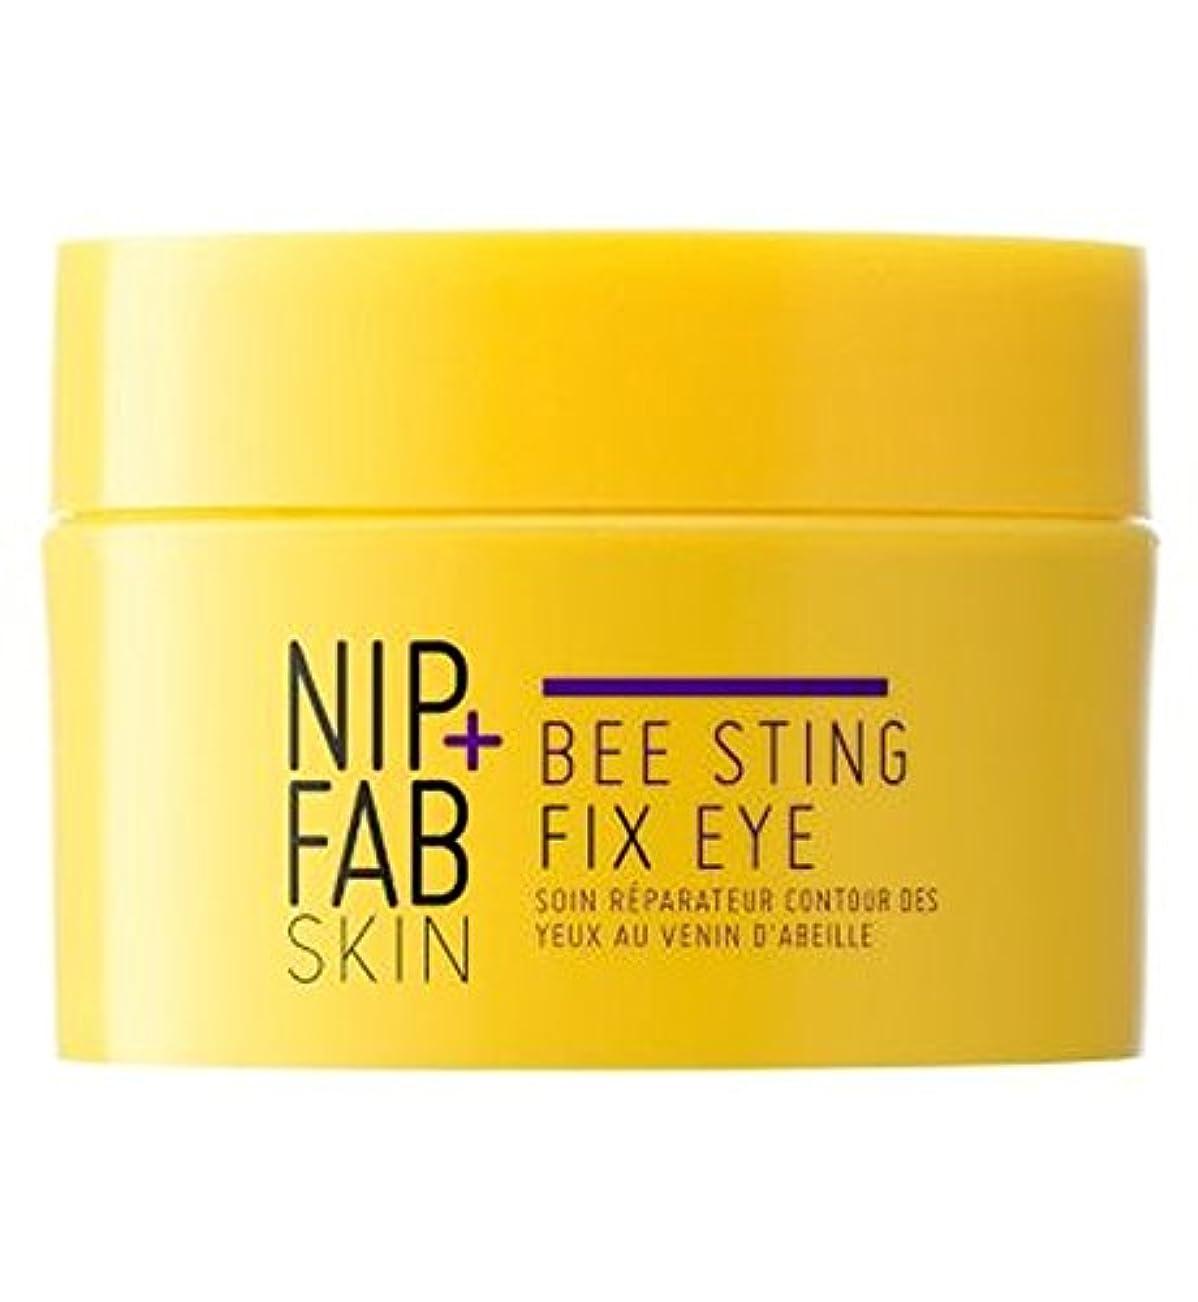 アプローチとにかく最小化するNip+Fab Bee Sting Fix Eye Night - +ファブハチ刺されフィックス目の夜ニップ (Nip & Fab) [並行輸入品]